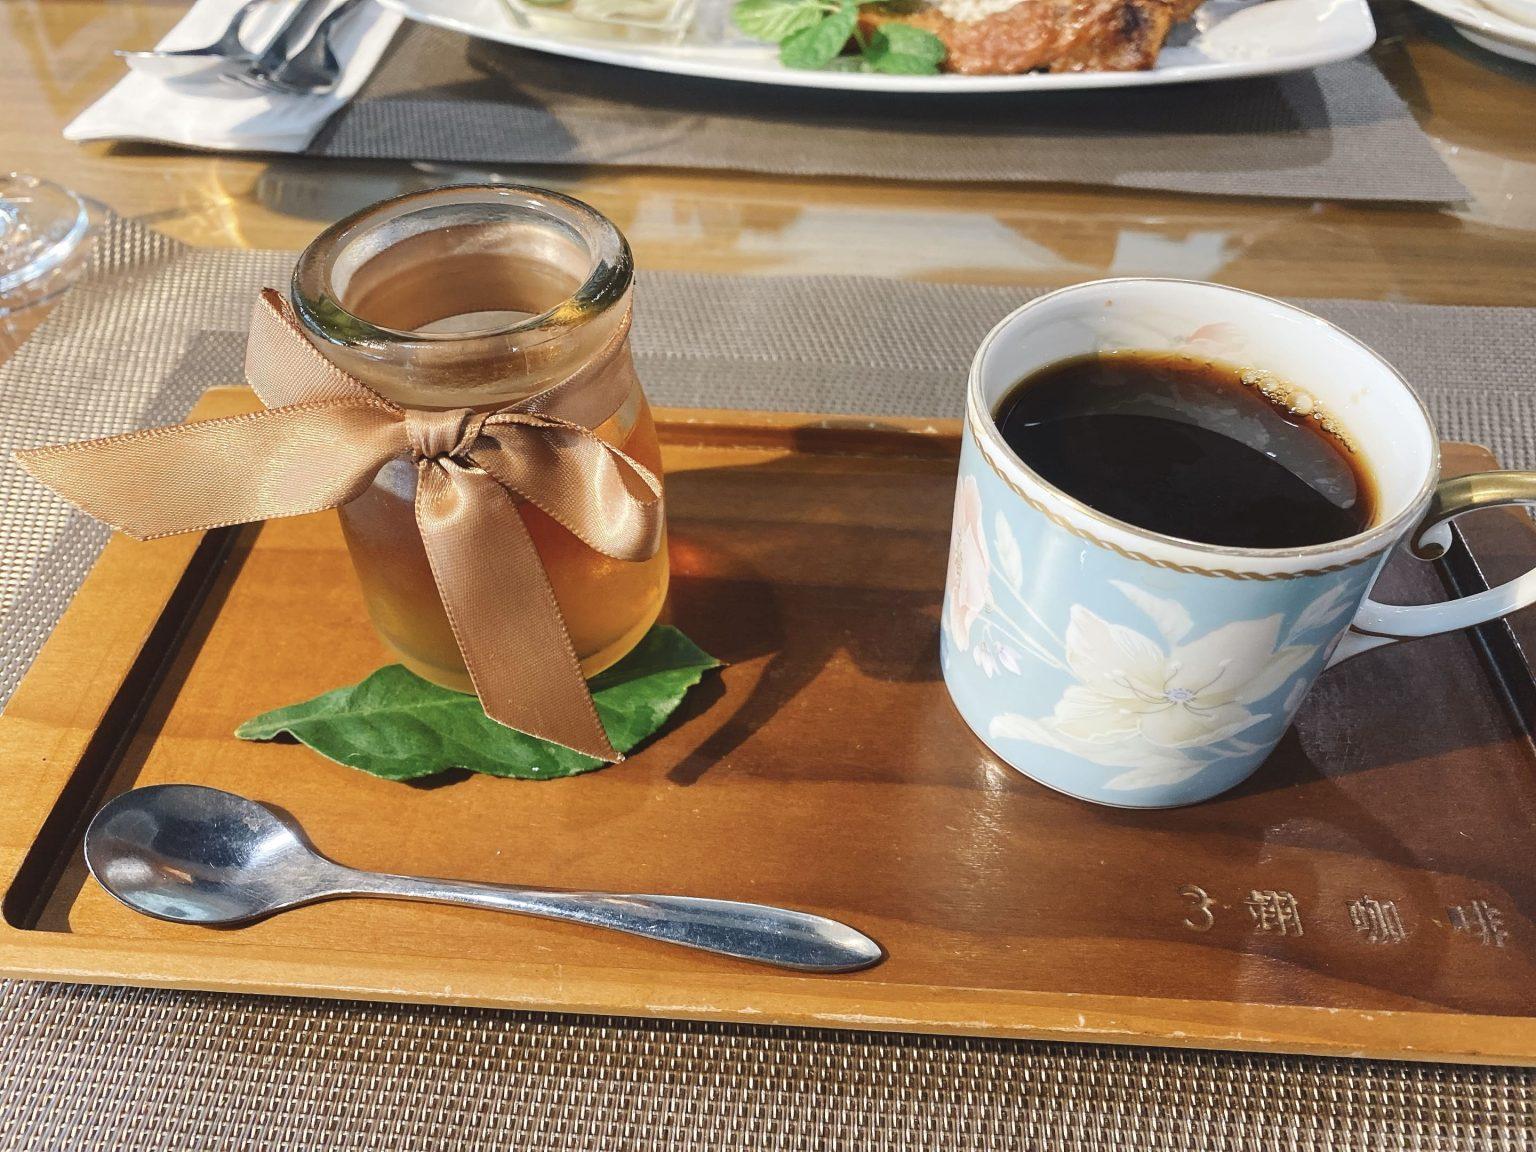 鹿港下午茶與手沖咖啡